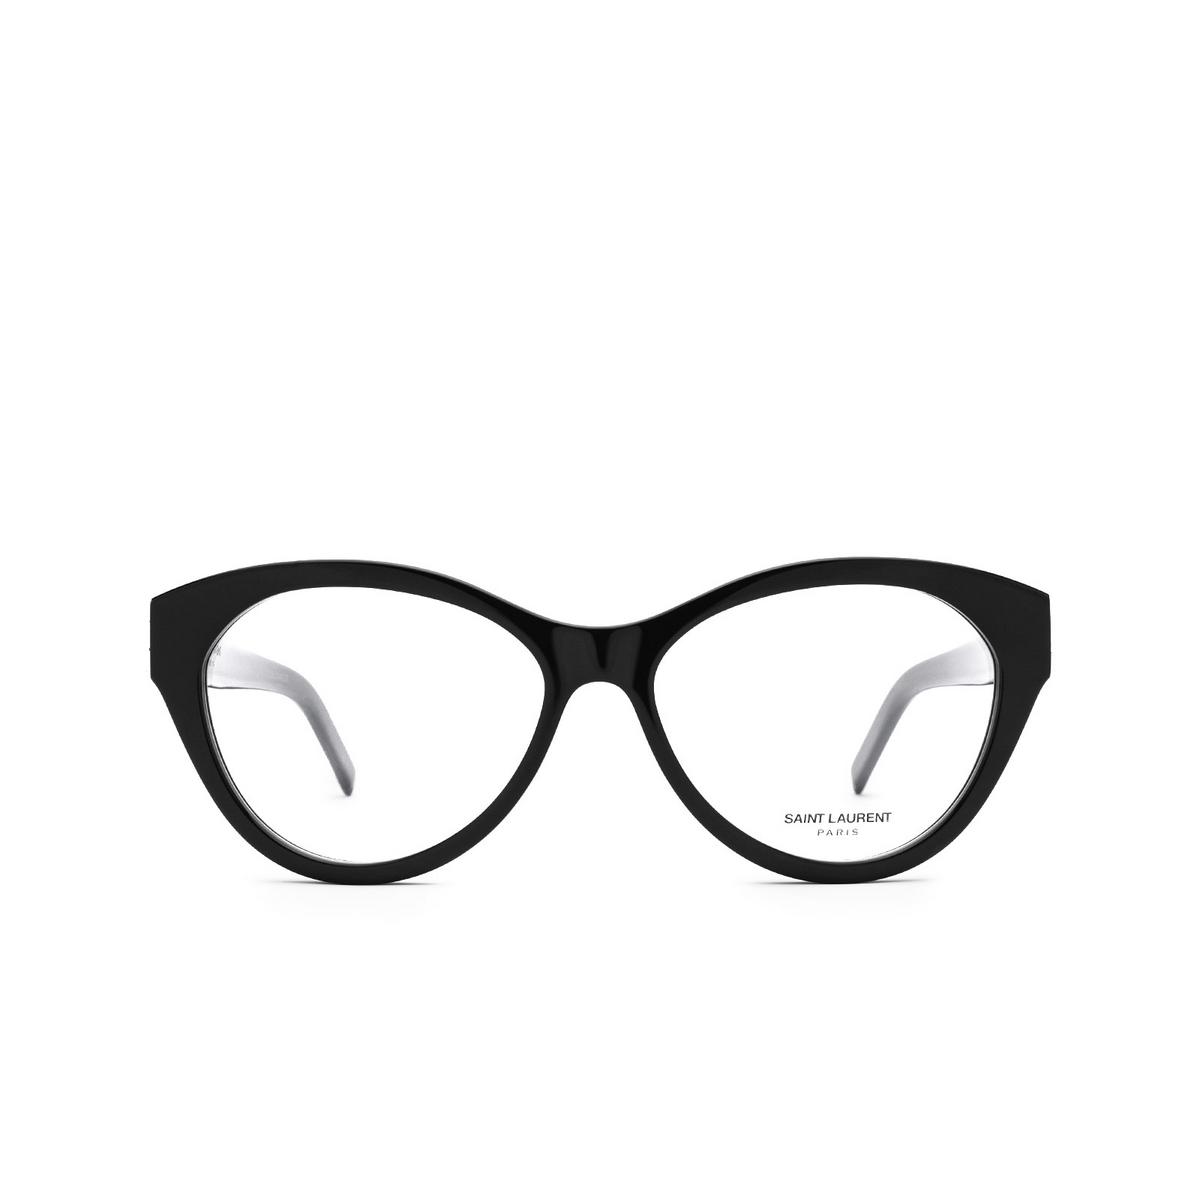 Saint Laurent® Cat-eye Eyeglasses: SL M96 color Black 002 - front view.